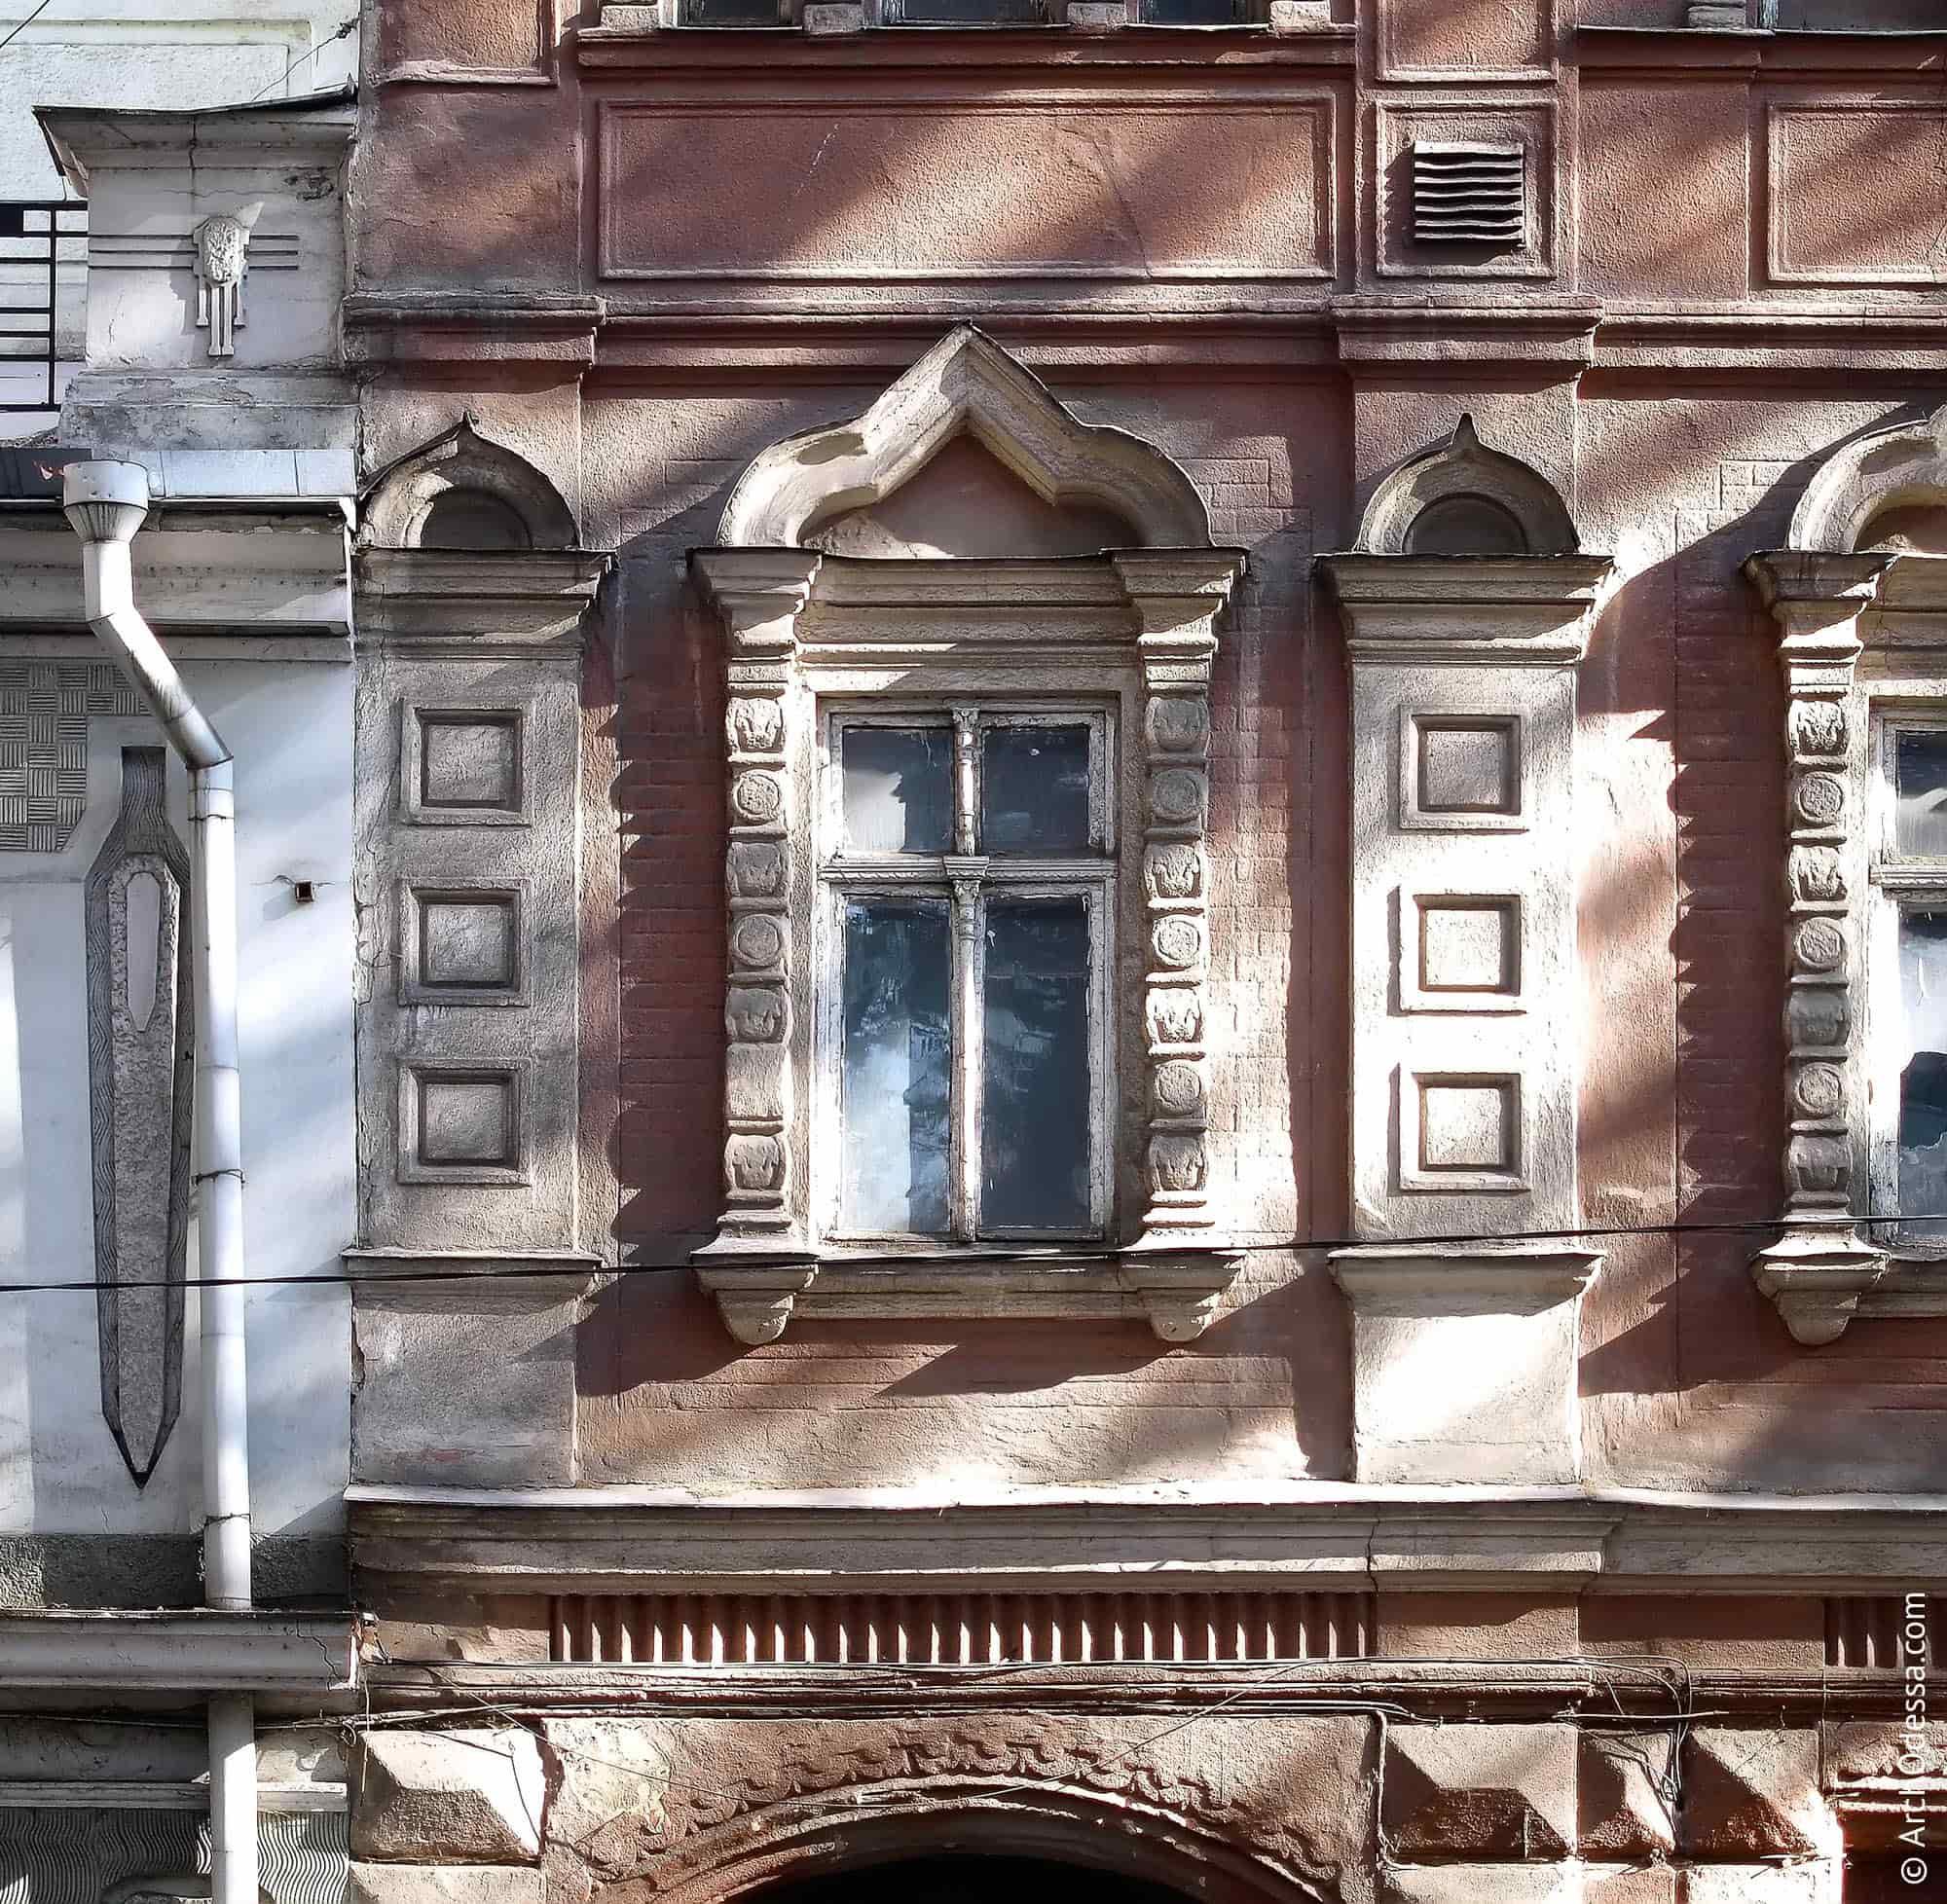 Віконні лиштви і лопатки крайньої лівобічної вісі (фото 2011 р.)